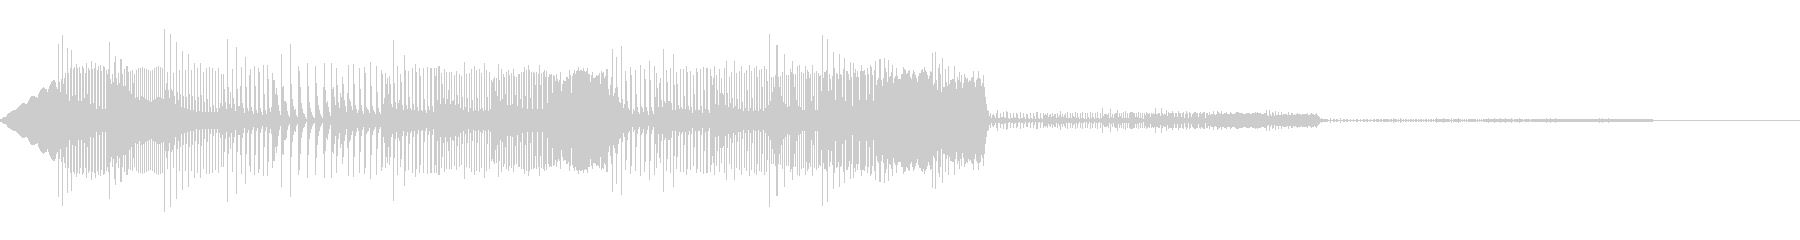 通知(8bit風)の未再生の波形